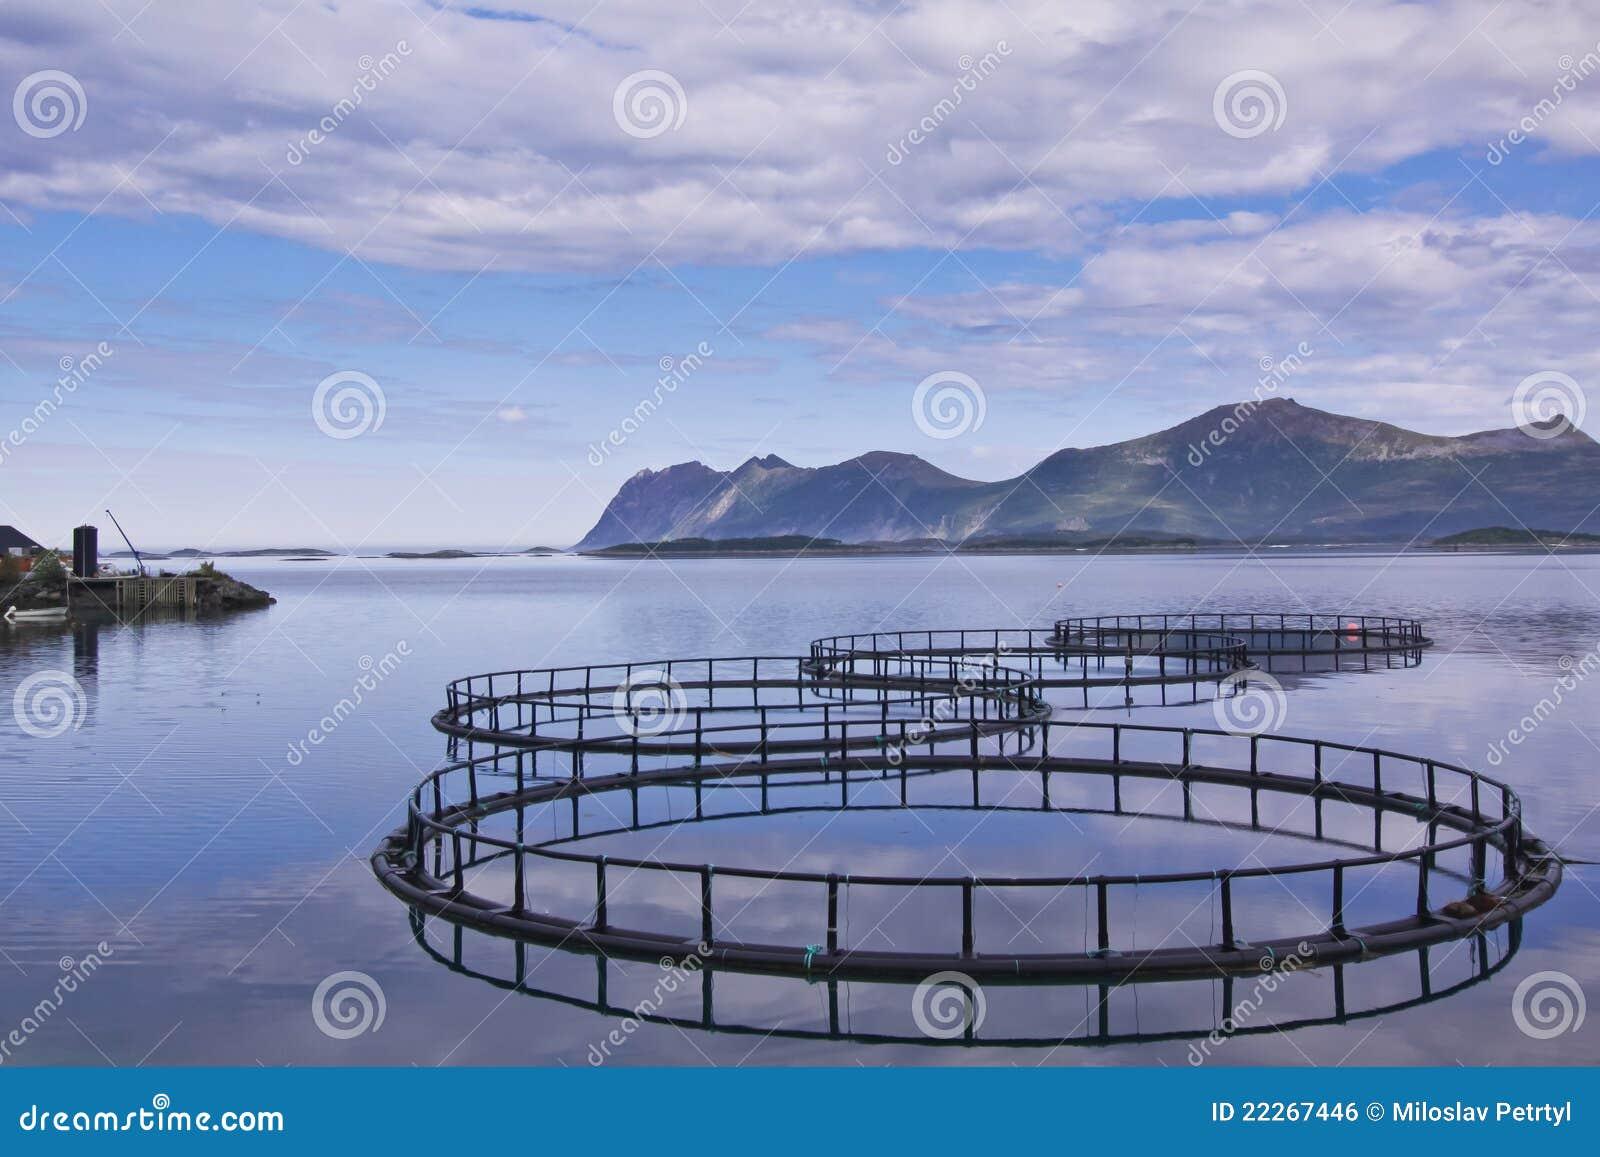 Acuacultura en Noruega